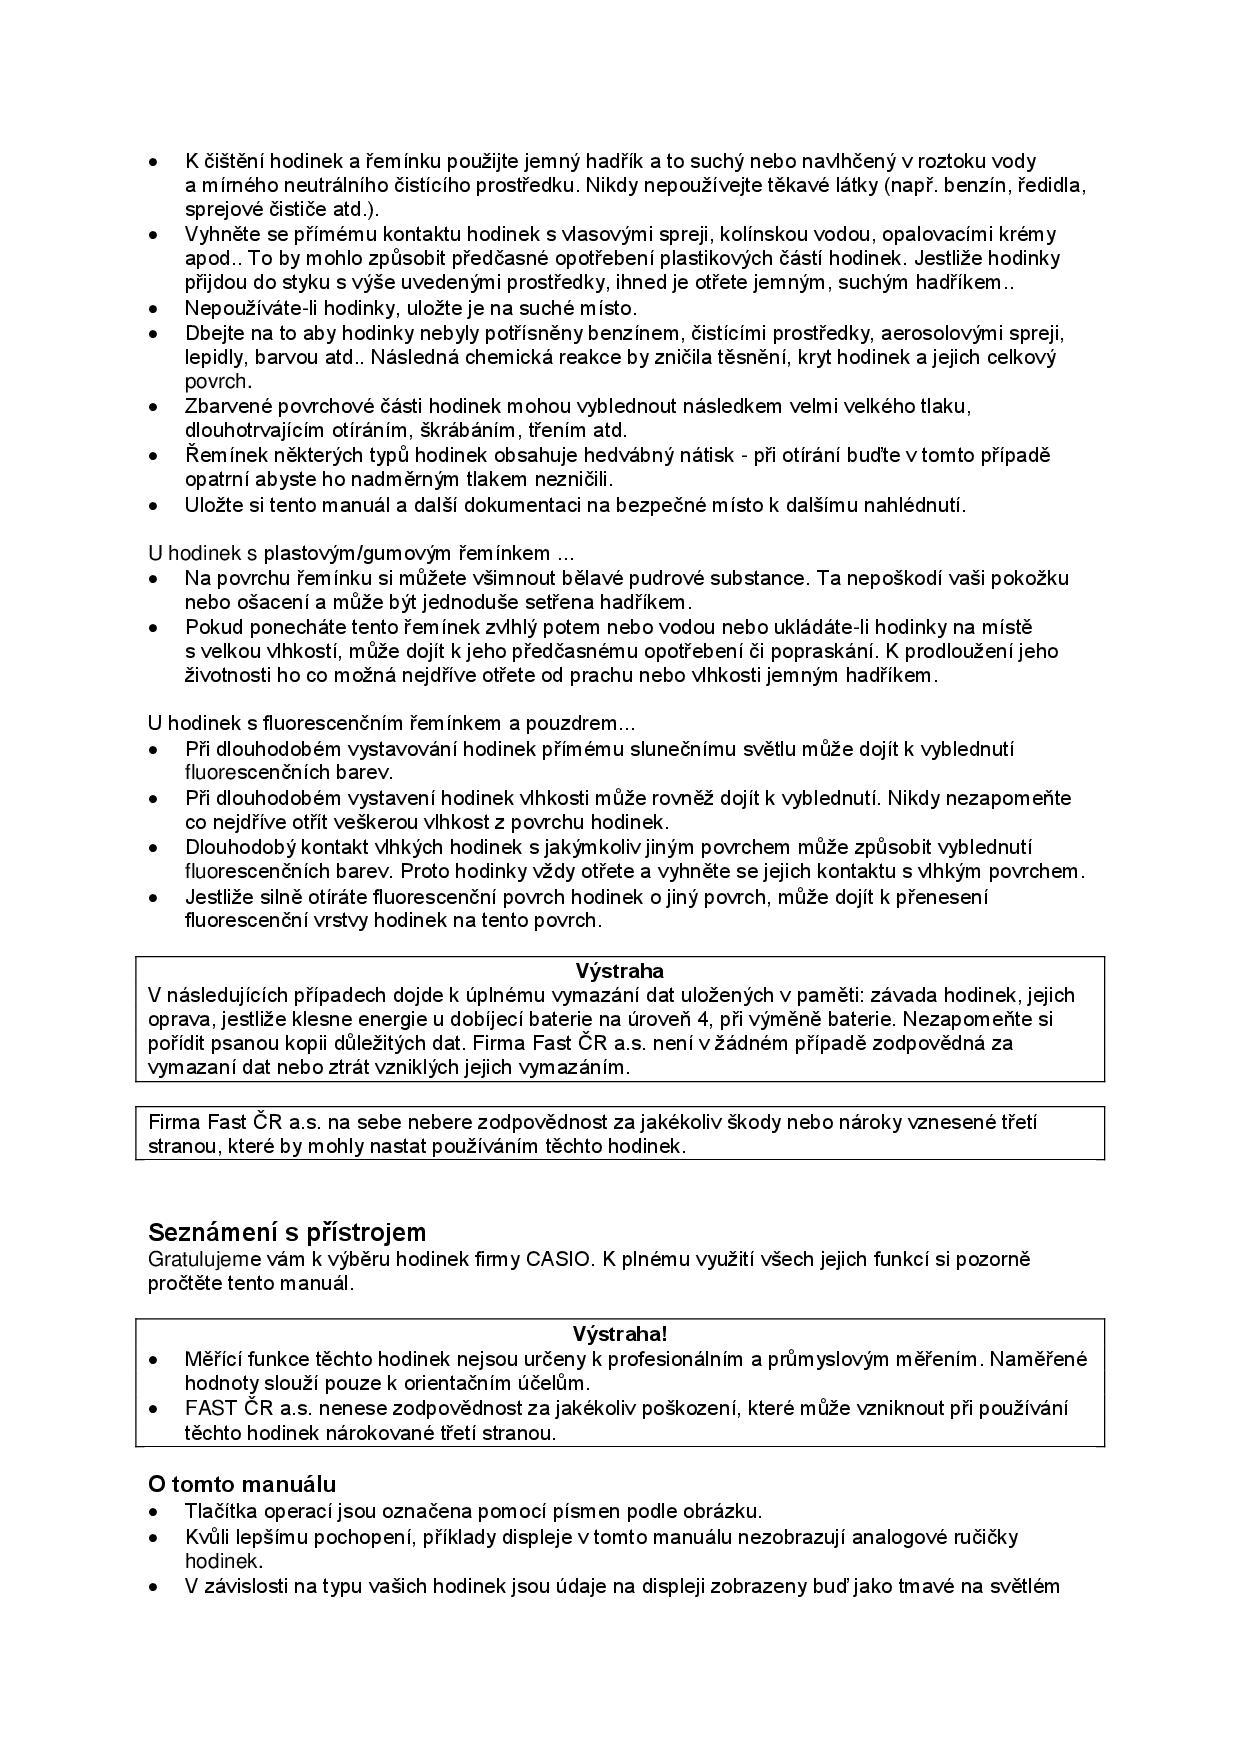 Návod k použití Casio Baby-G BGD-121-1ER • Zboží.cz 924530f9138